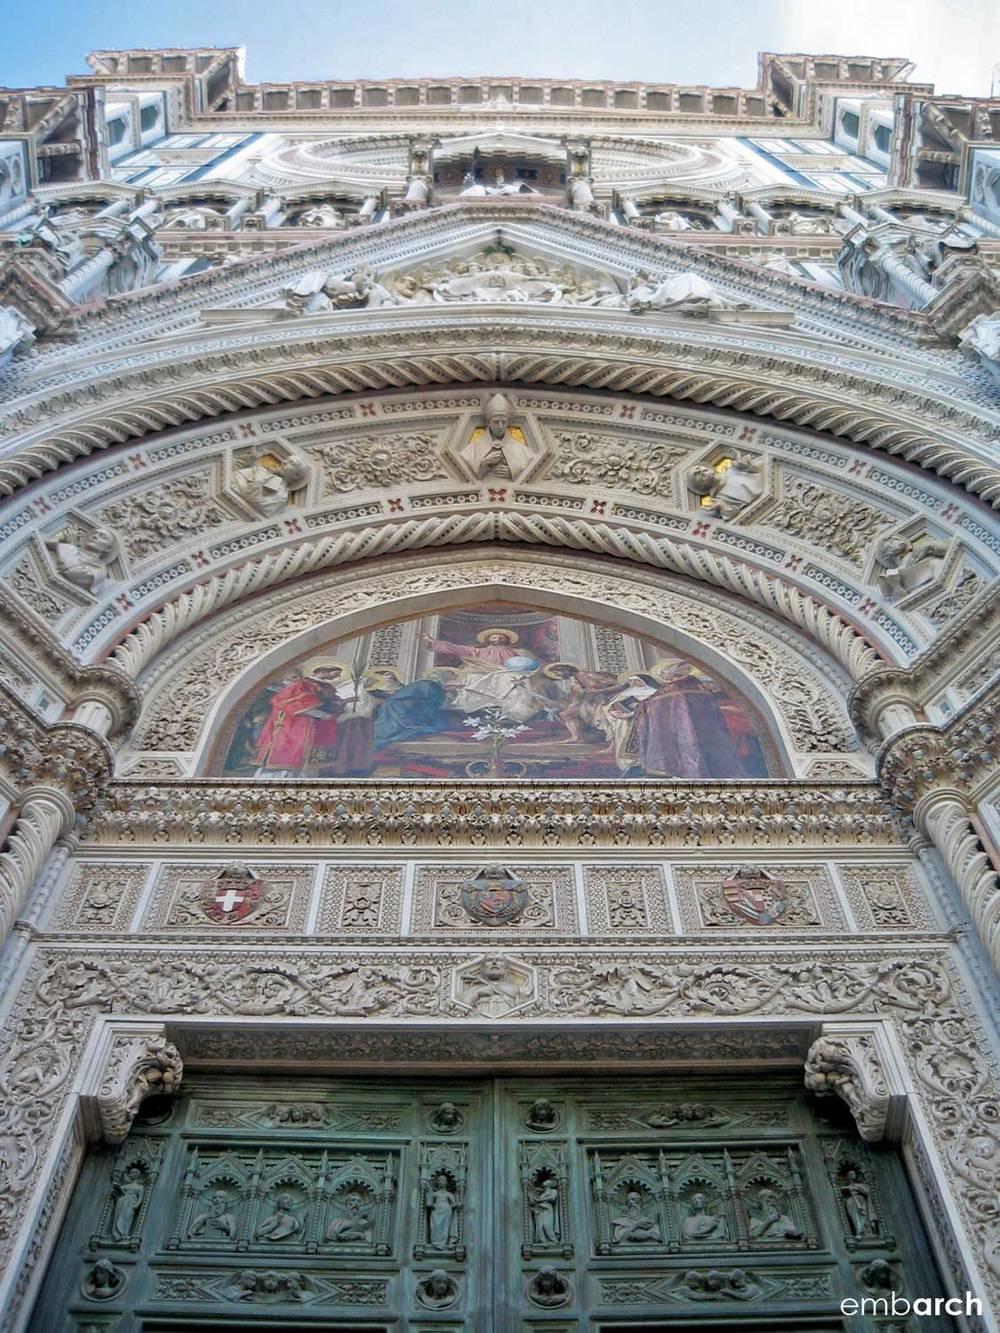 Florence Cathedral (Duomo) - exterior facade detail